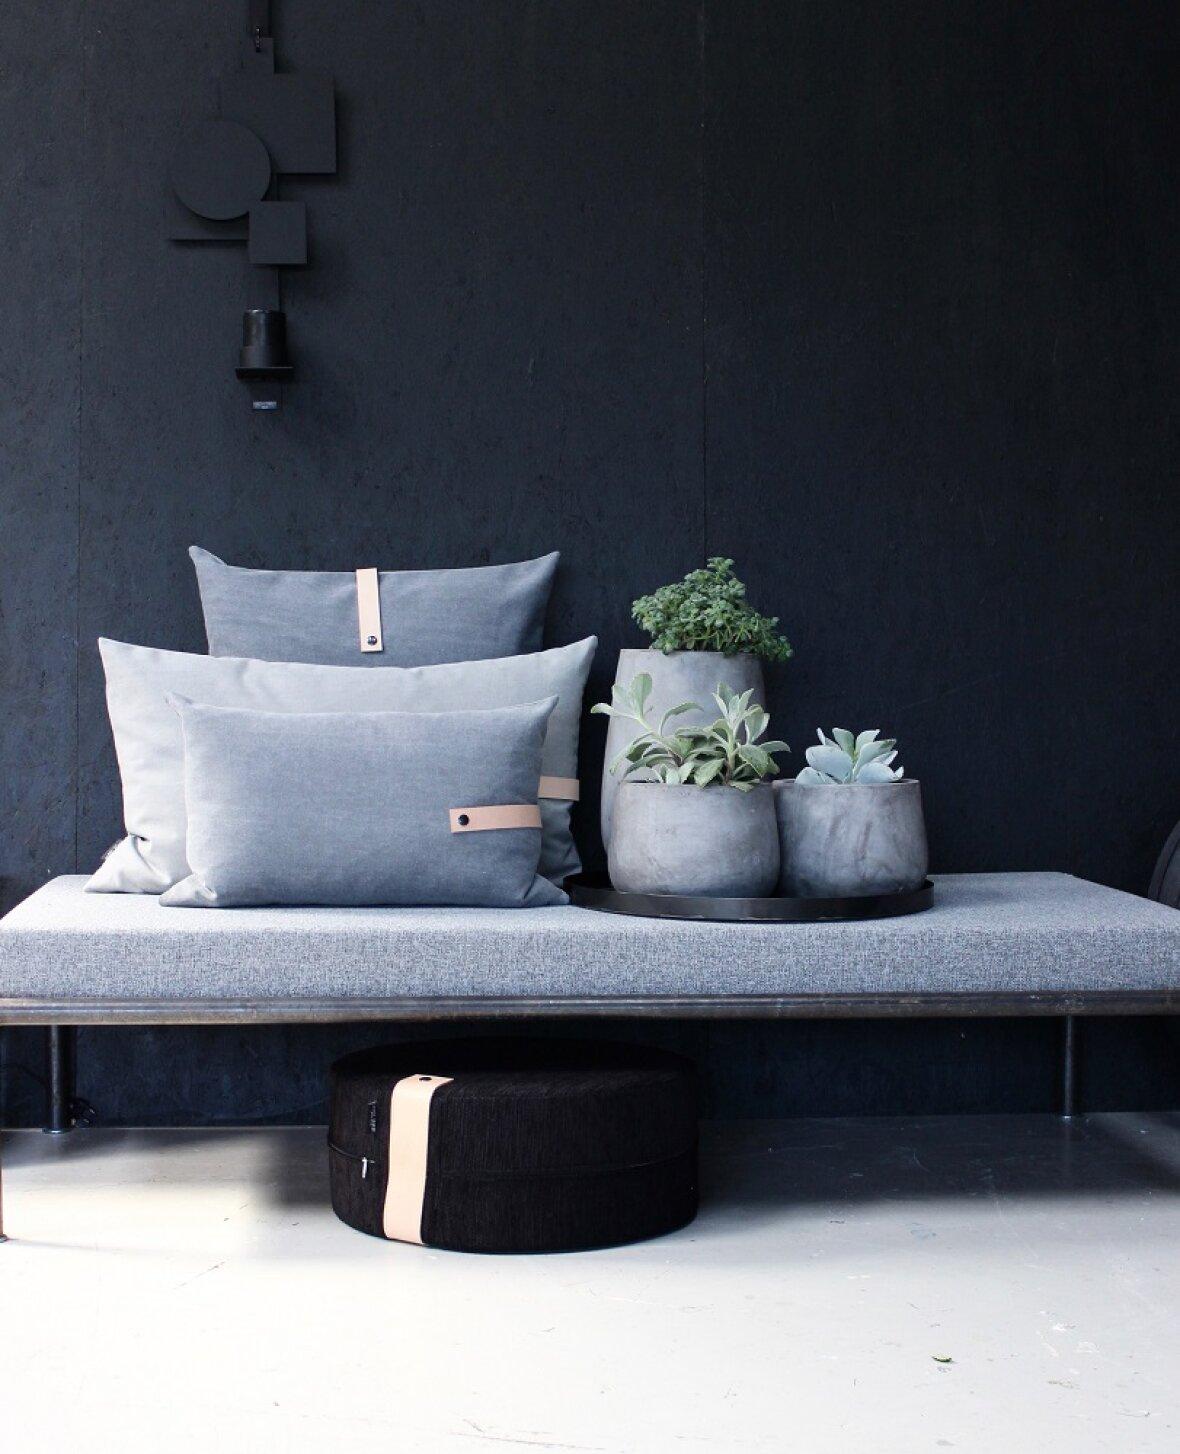 37a49401bde Sofapude fra Louise Smærup - Rå og cool i grå forvasket canvas